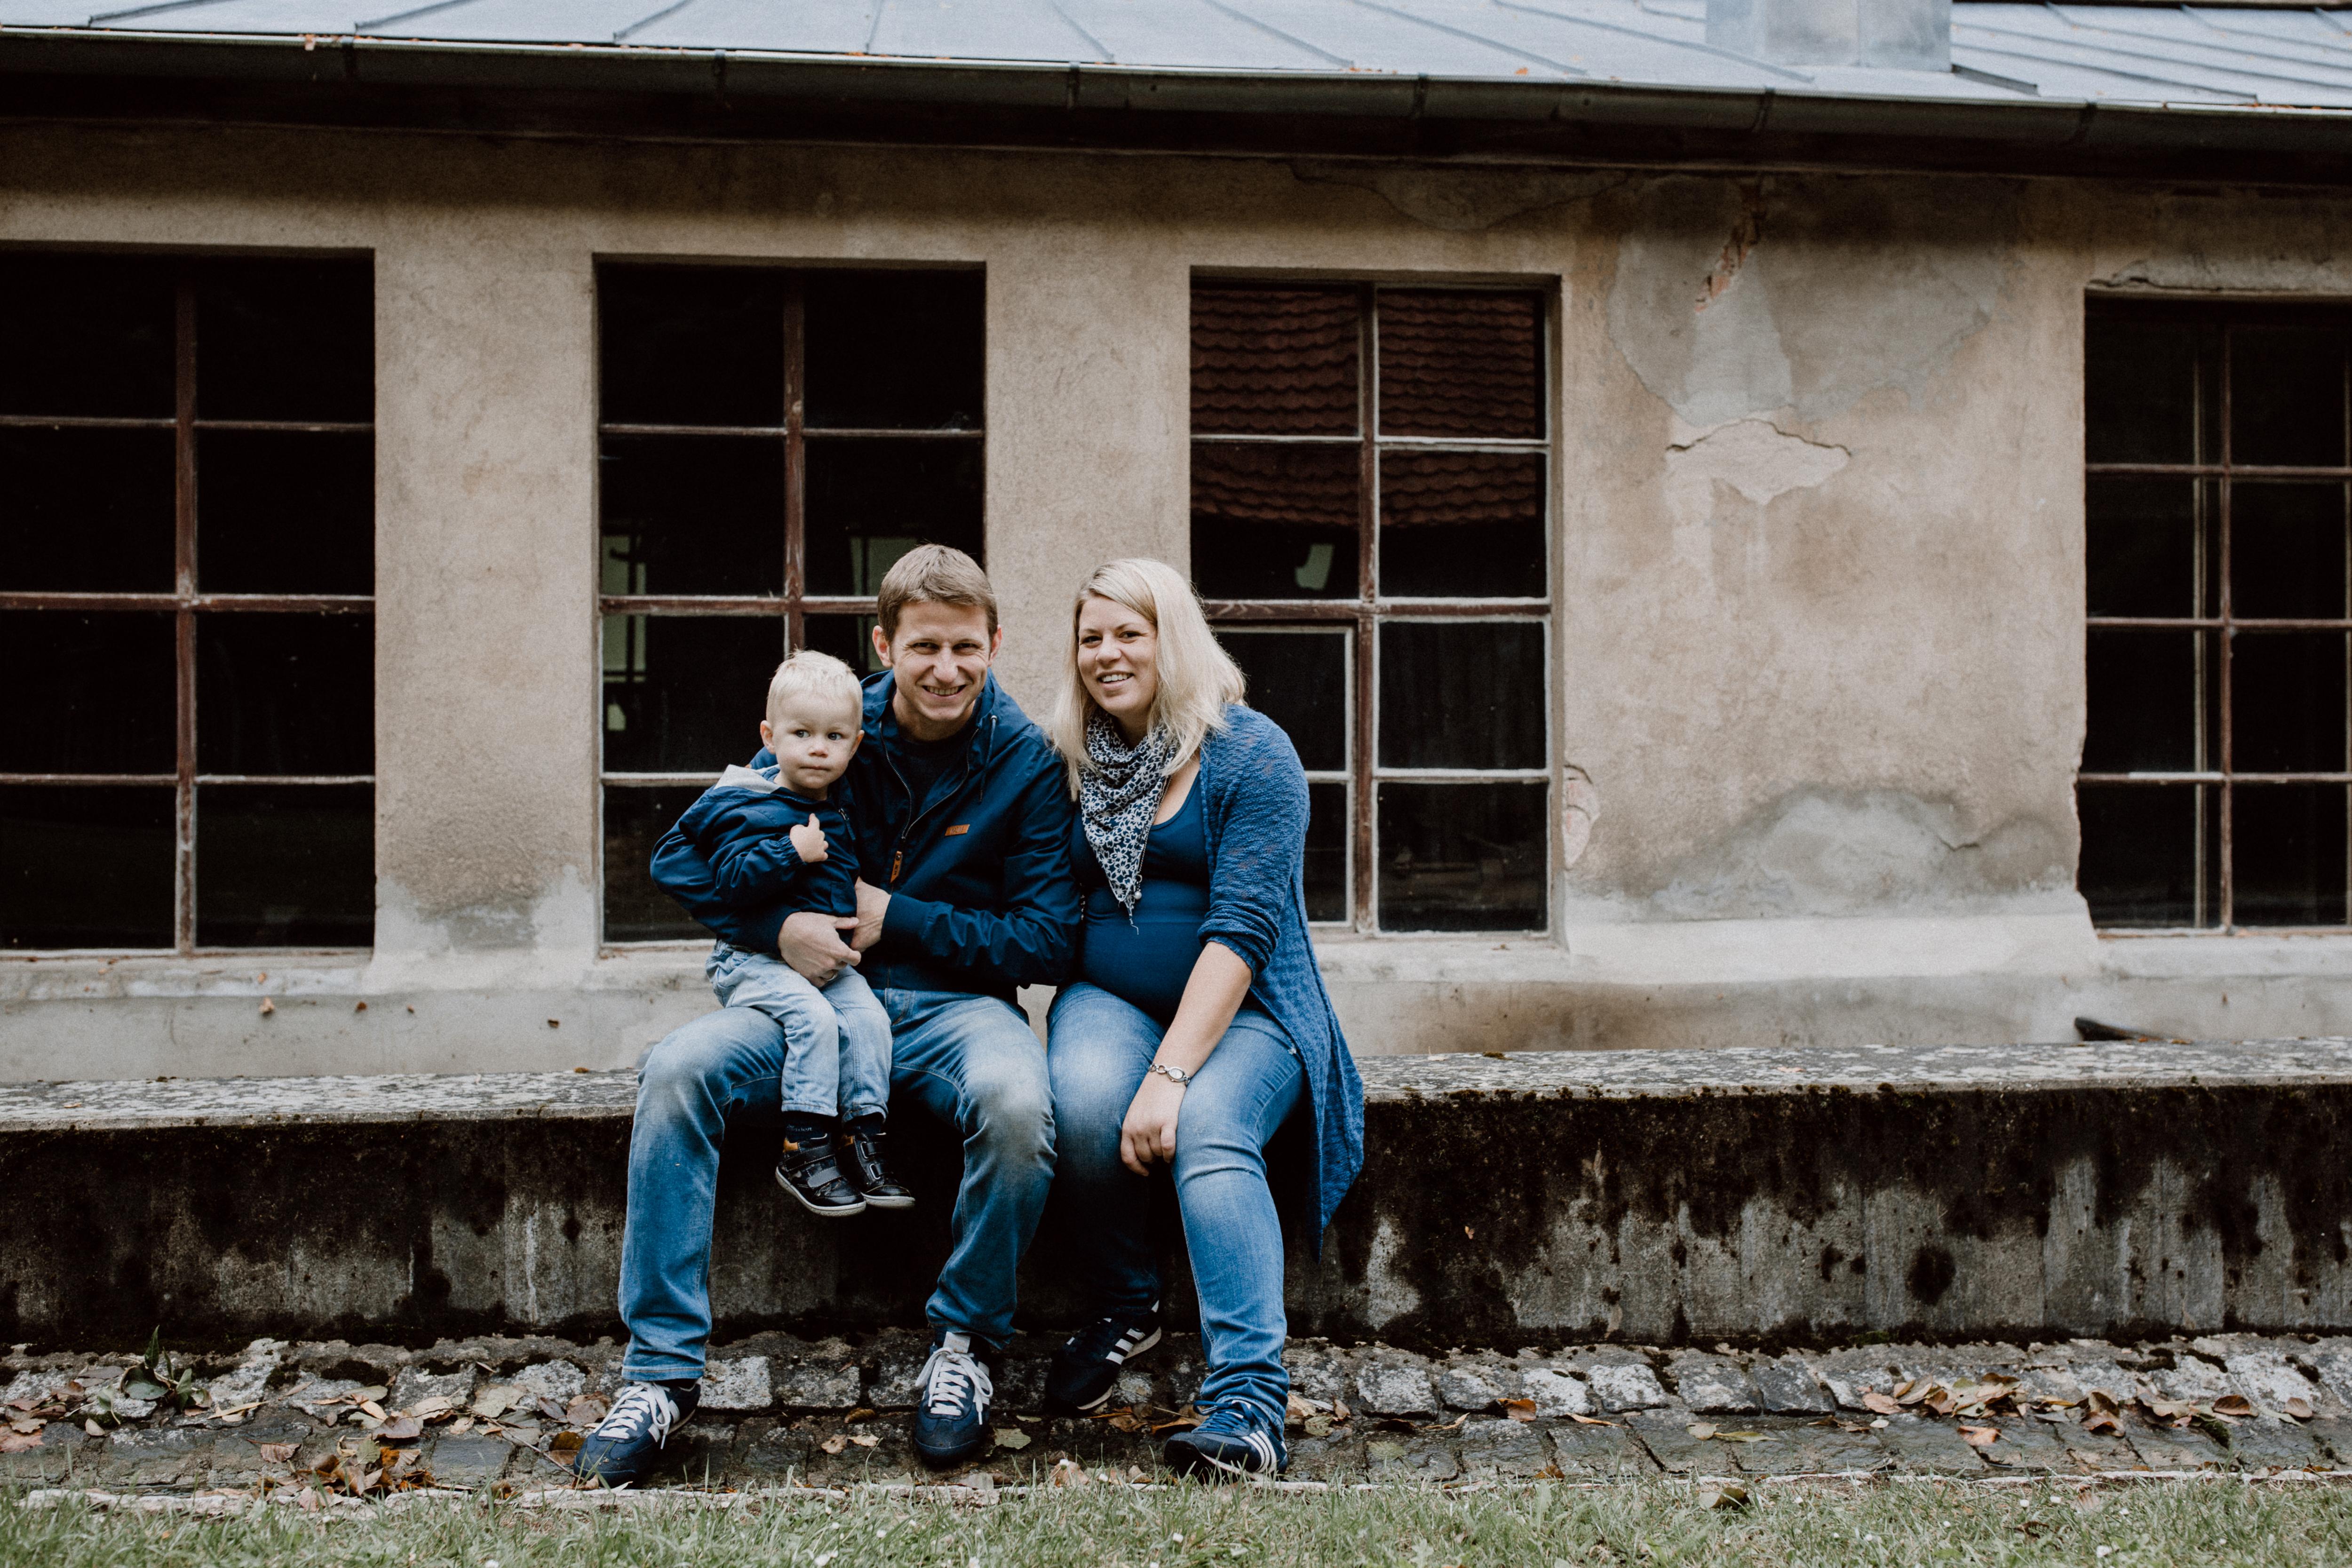 URBANERIE_Daniela_Goth_Fotografin_Nürnberg_Fürth_Erlangen_Schwabach_17902_001_0099